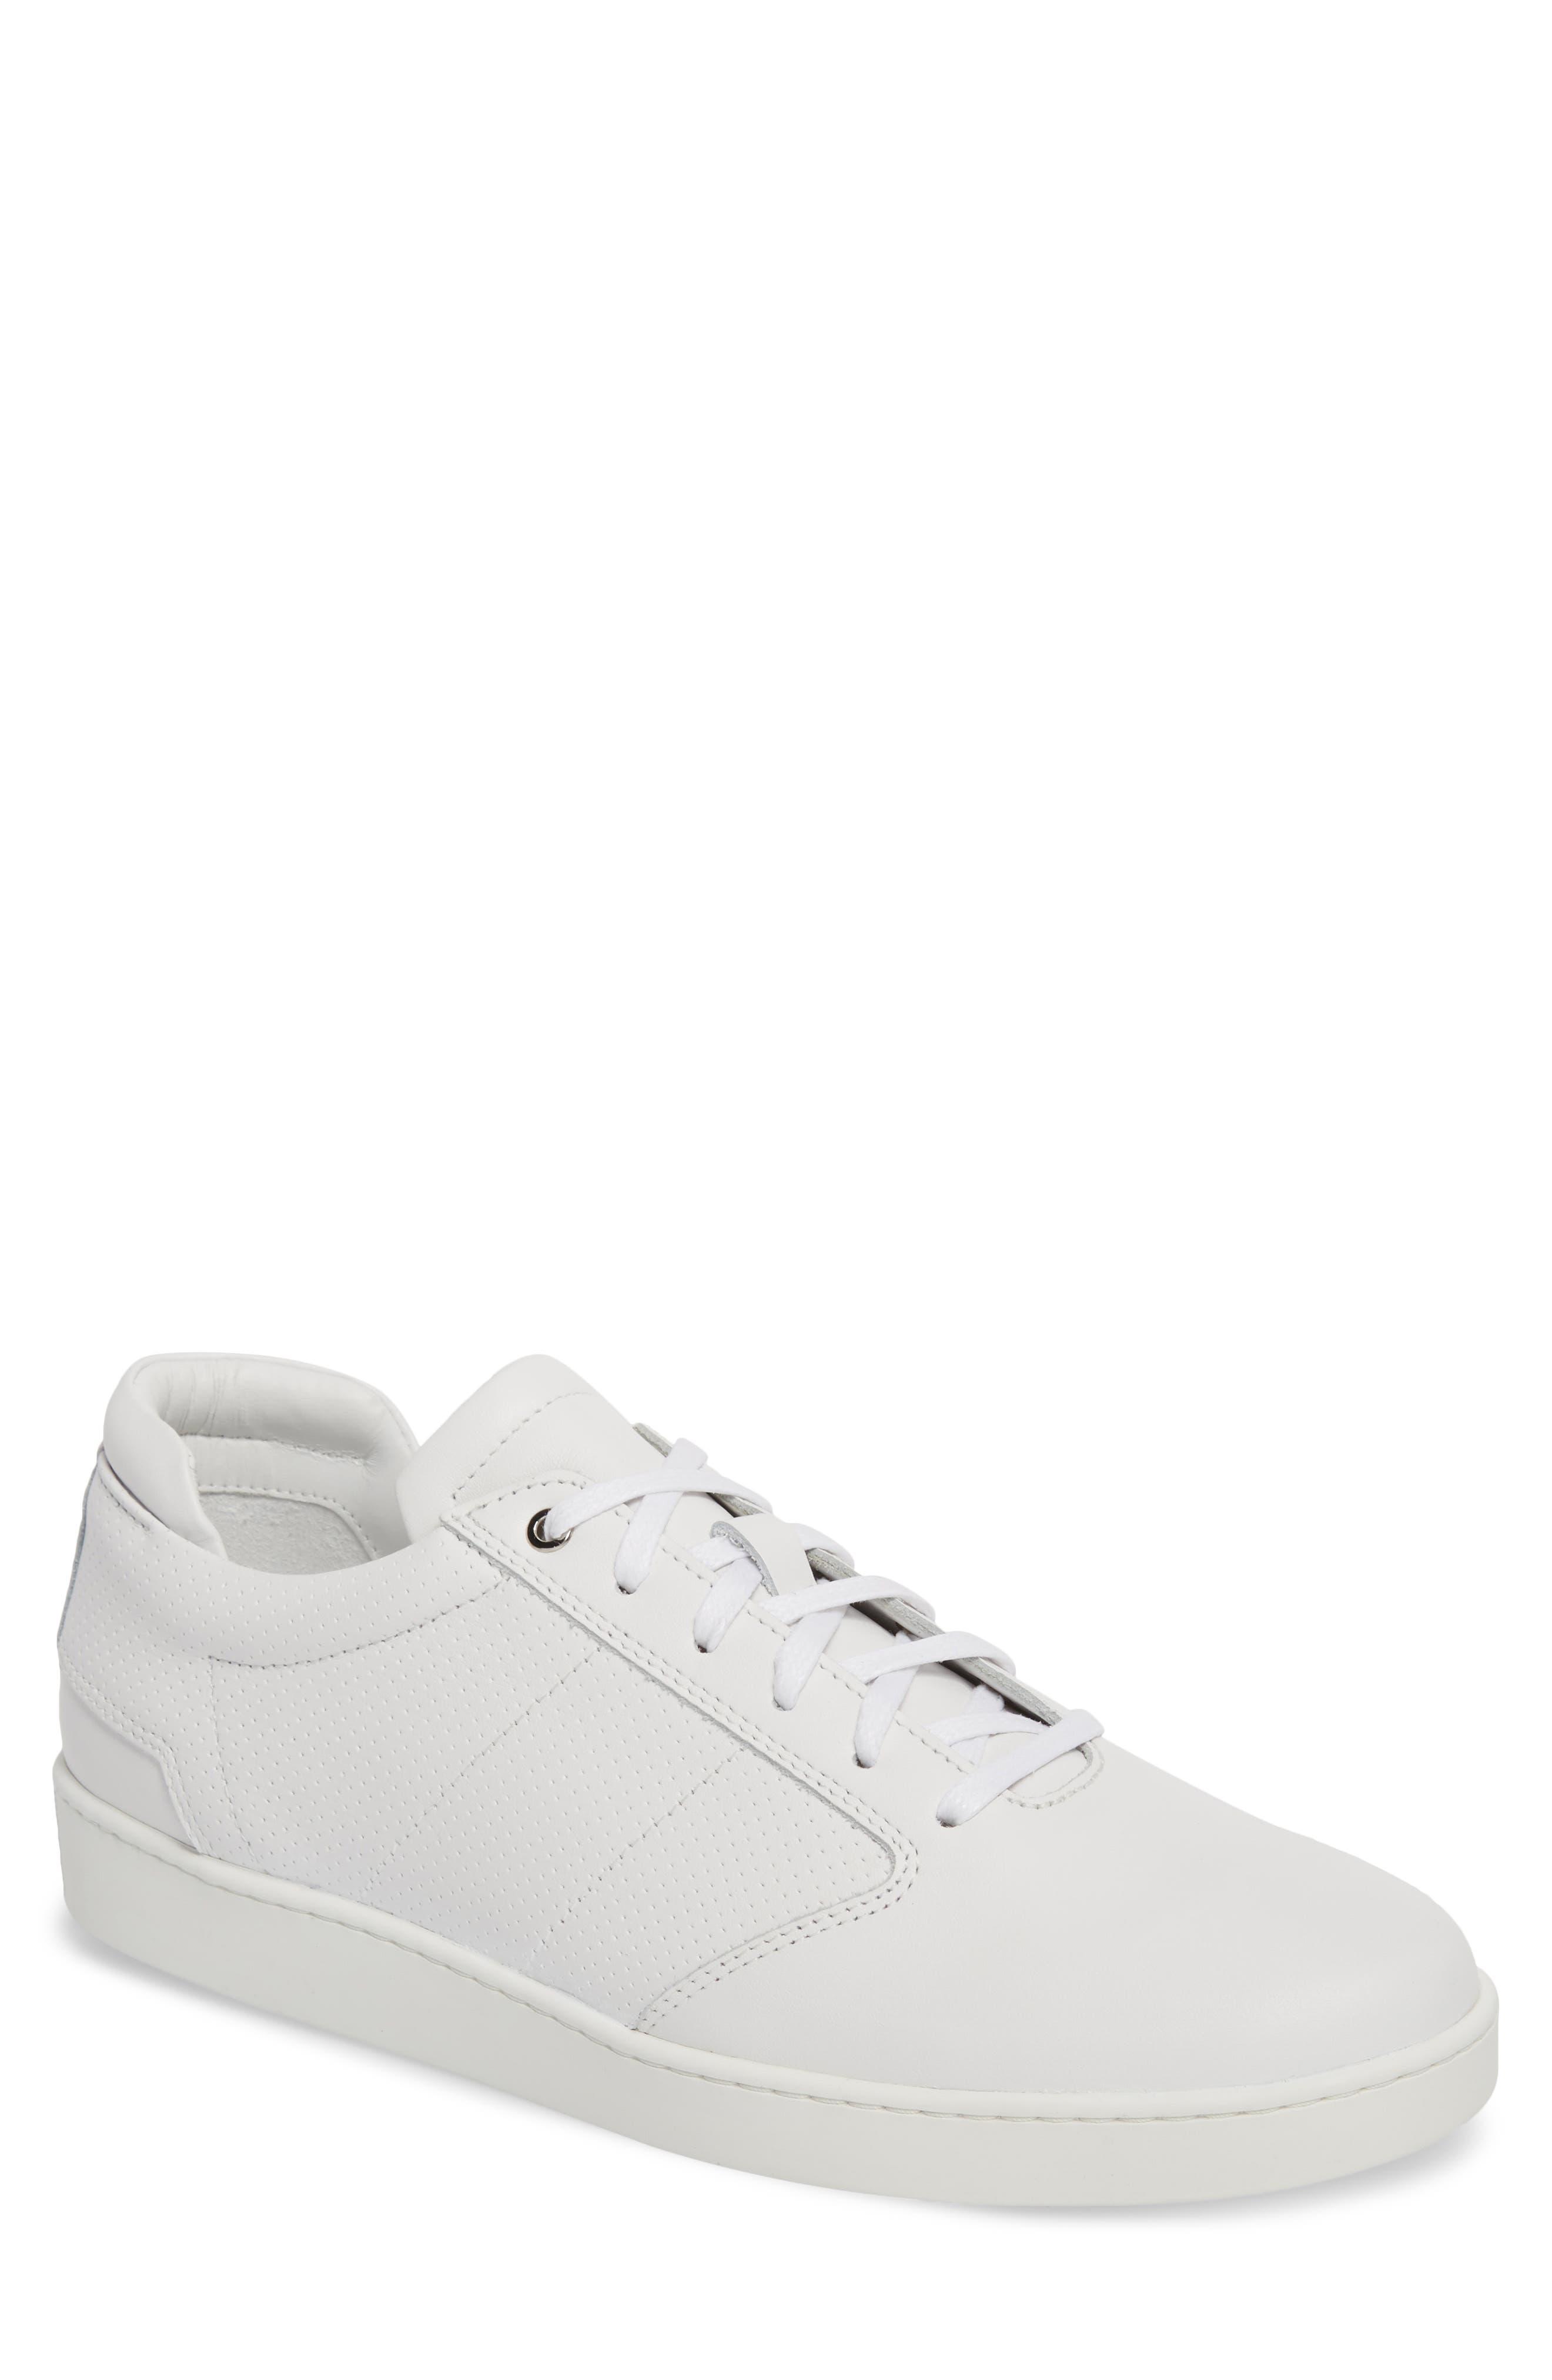 Lennon Sneaker,                         Main,                         color, 177